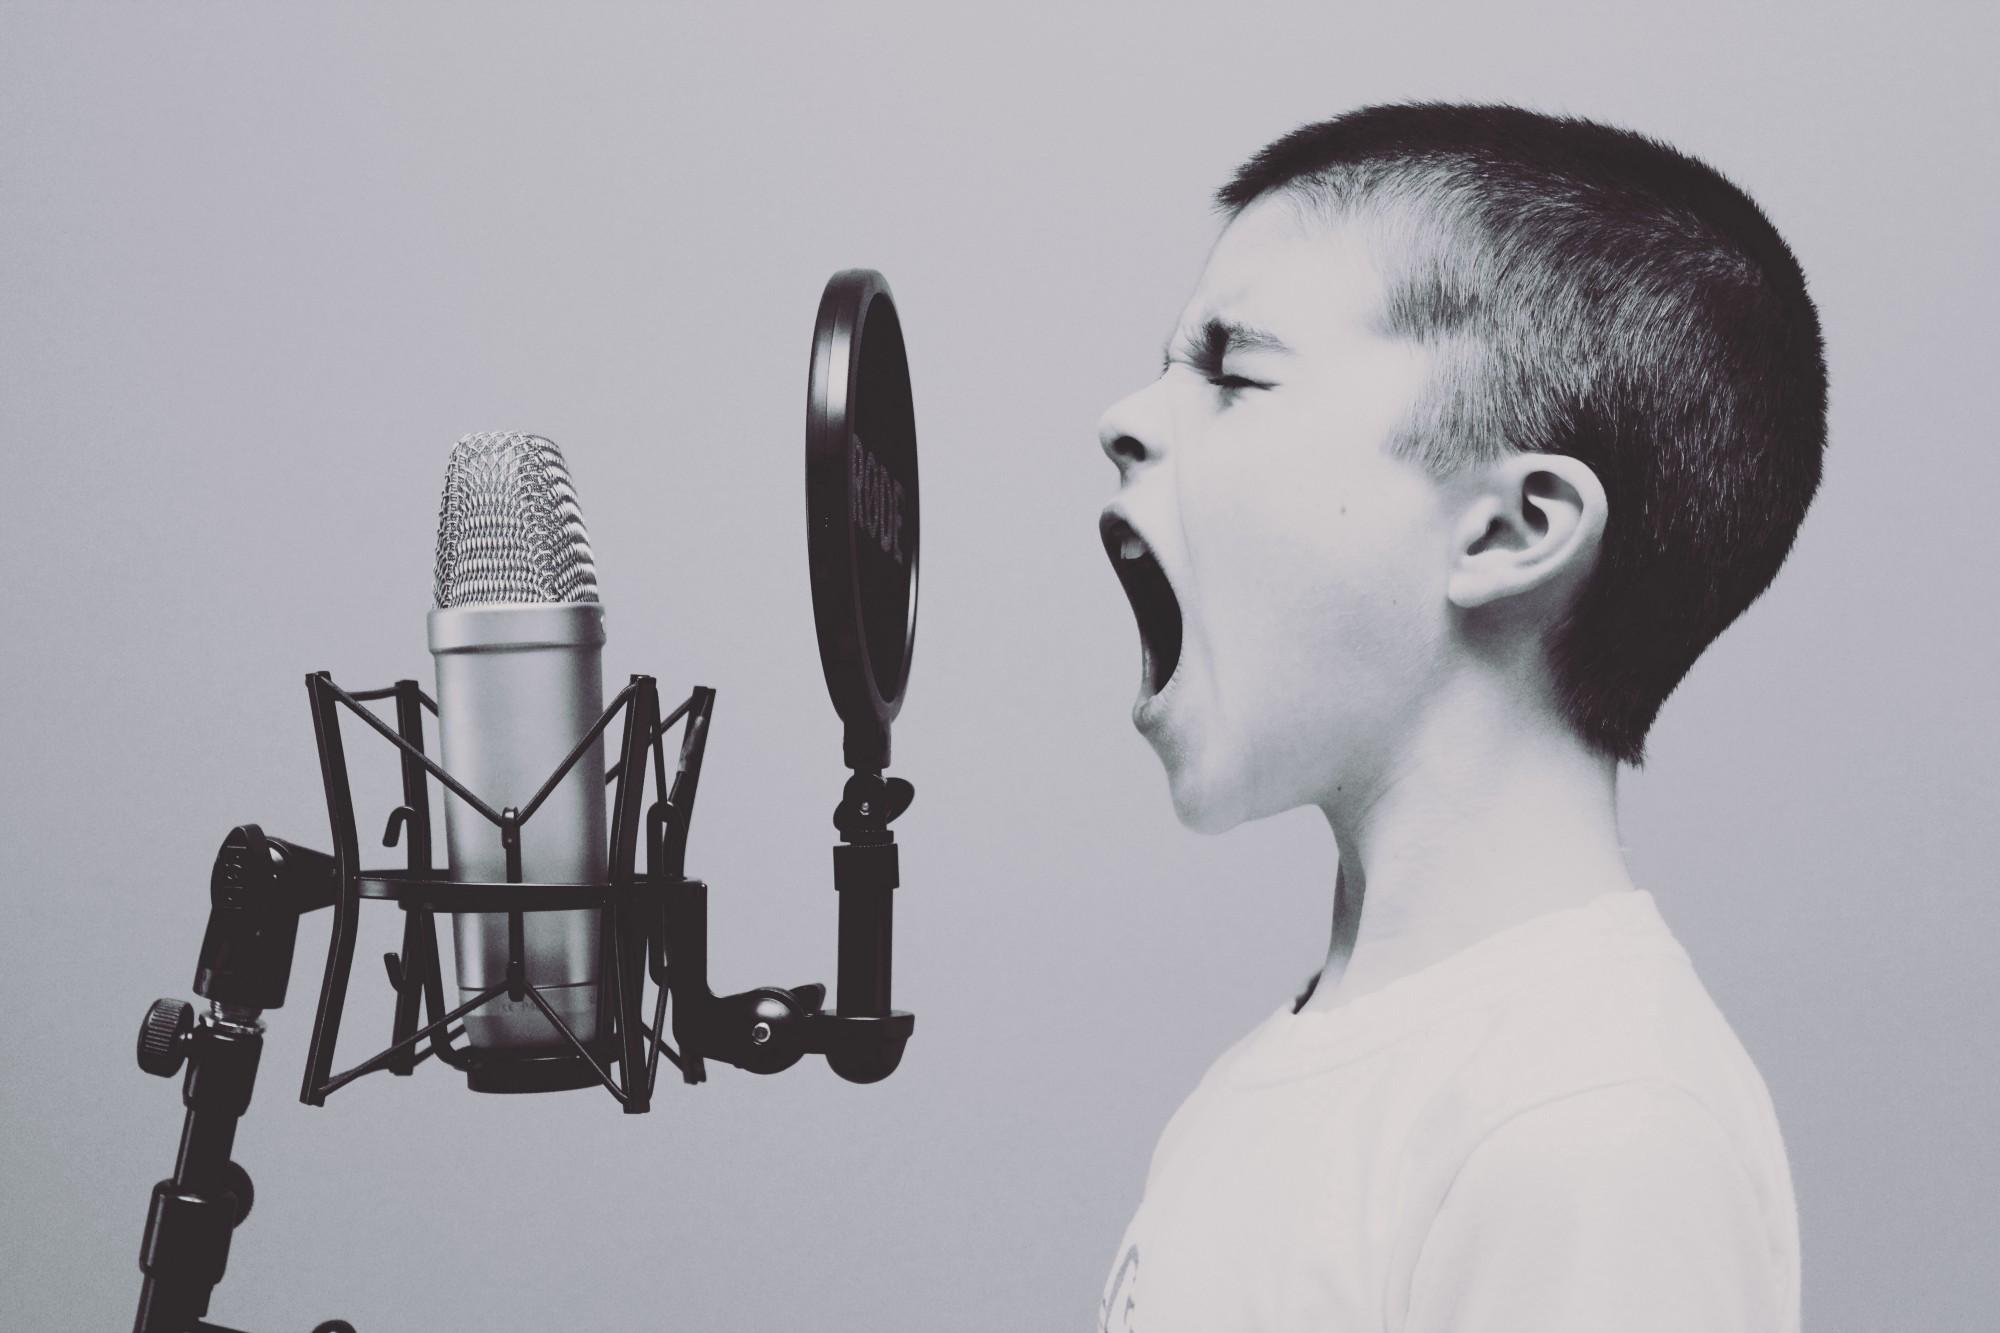 servono audio subliminali per perdere peso